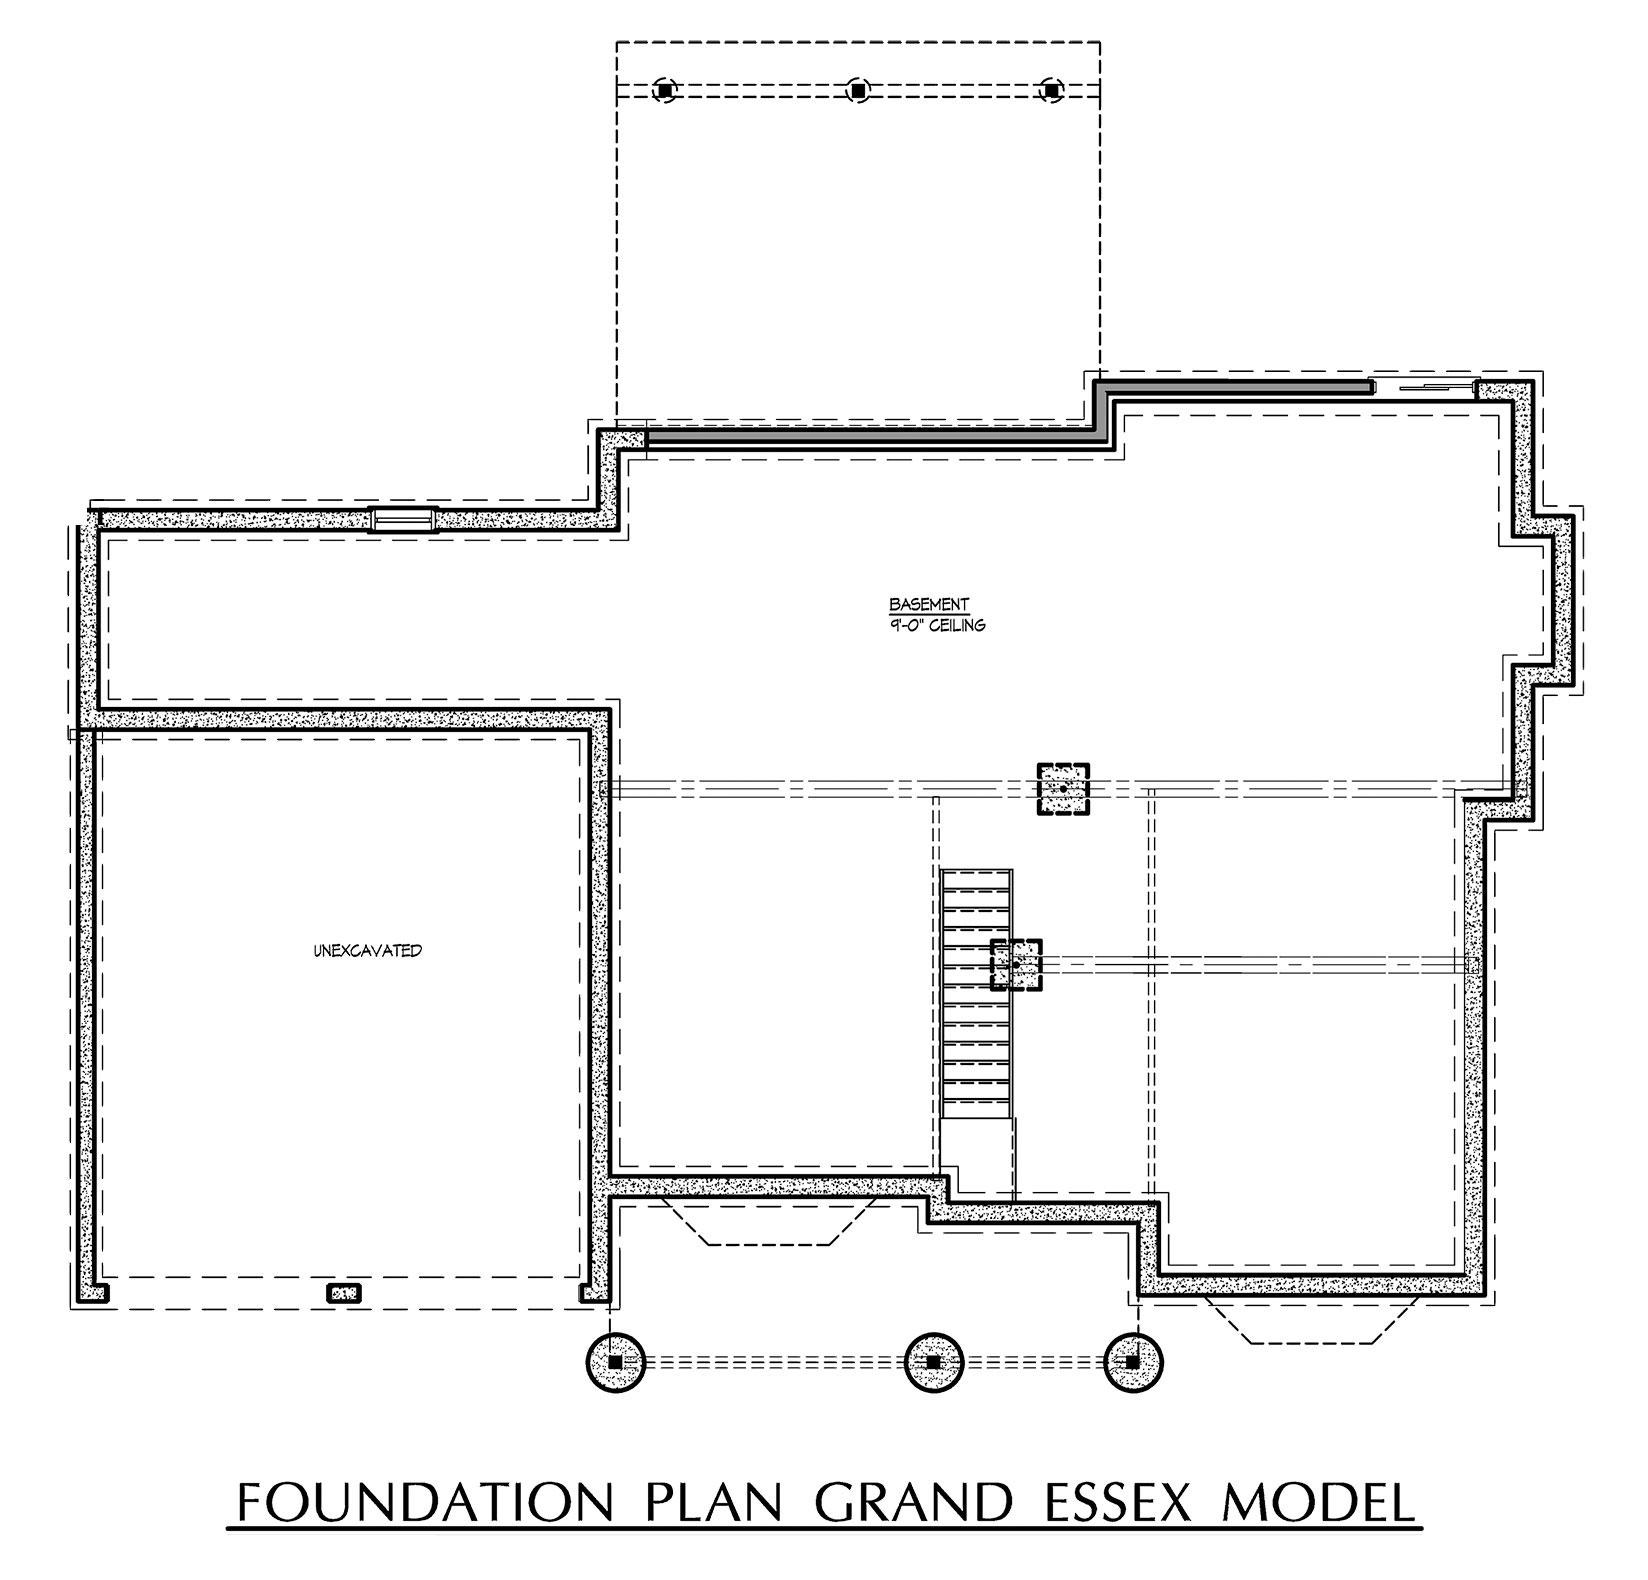 Grand Essex - Basement Floor Plan